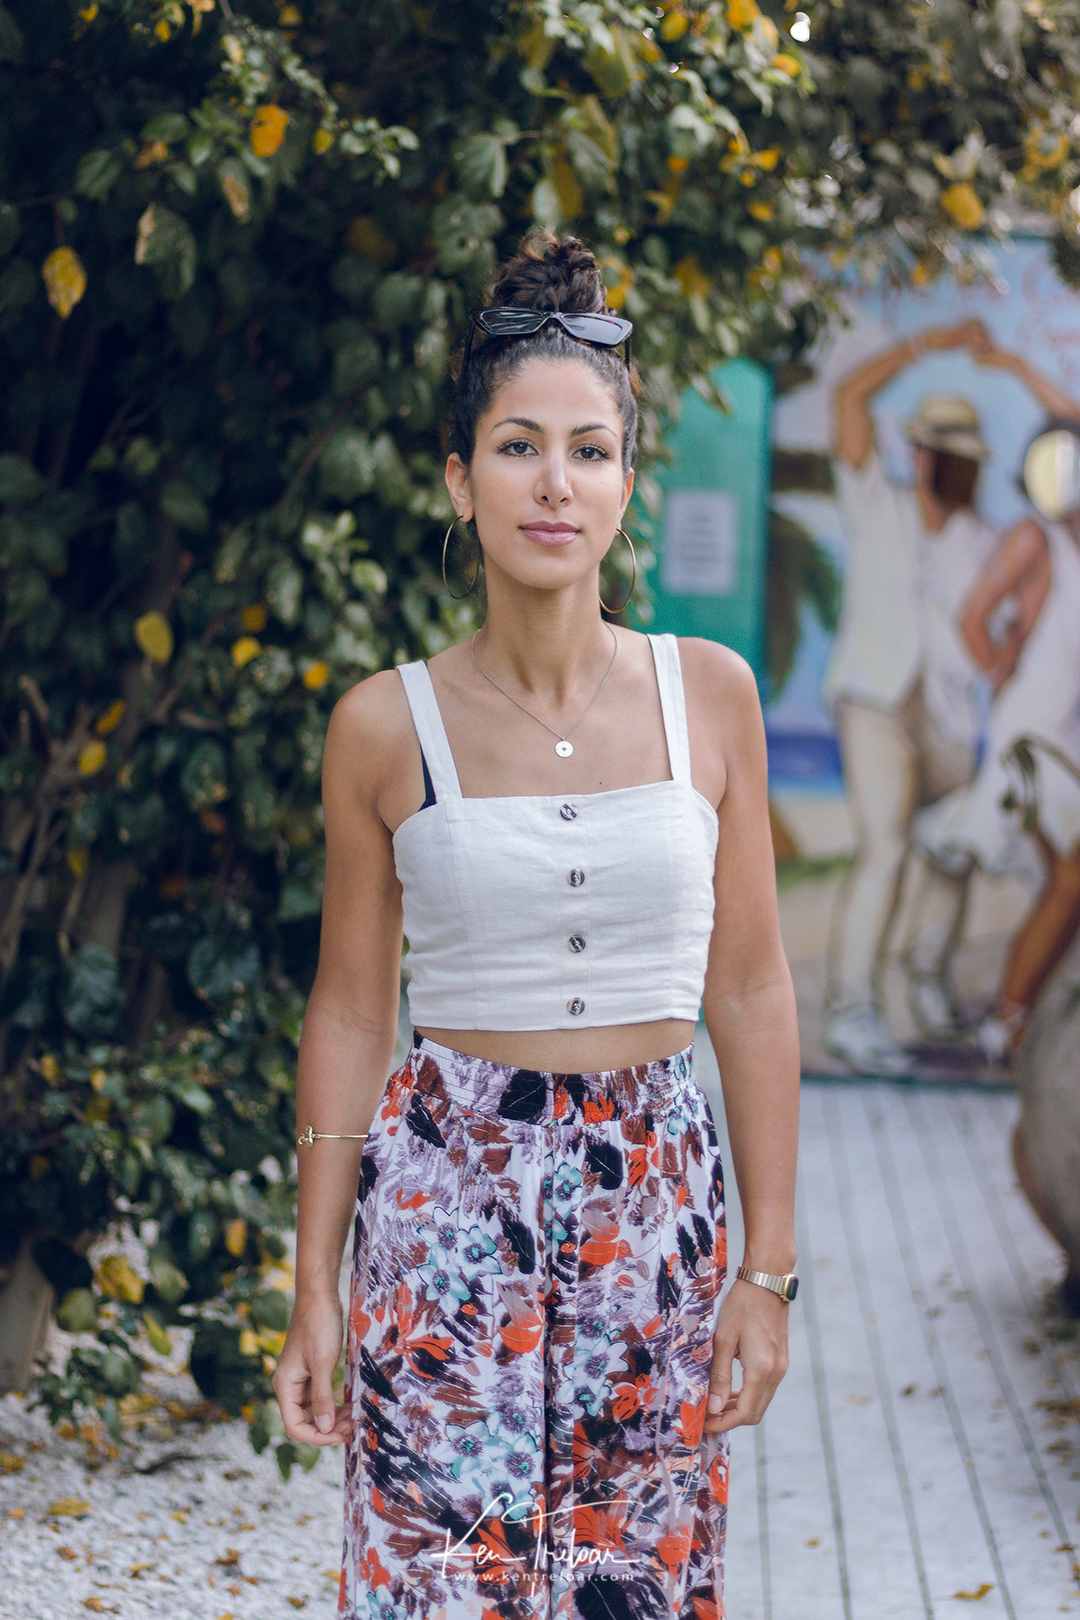 Portrait Session #1 - Cape to Cuba, Kalk Bay - Cape Town